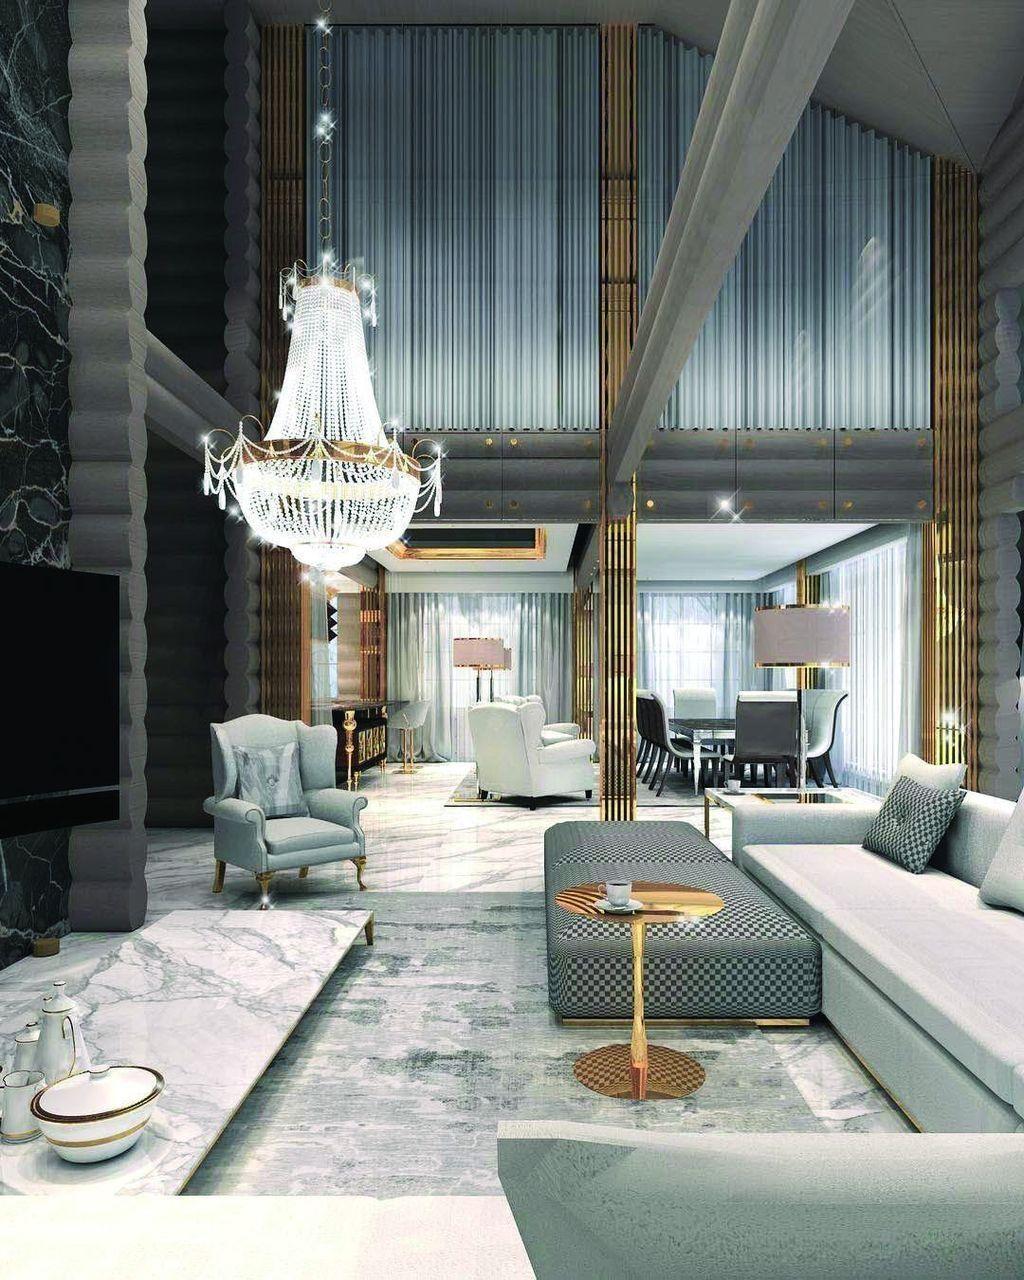 Full Size of 40 Spektakulre Moderne Wohnzimmer Innenarchitektur Ideen Tapete Decken Led Lampen Hängelampe Teppich Gardine Dekoration Deckenlampen Liege Stehleuchte Wohnzimmer Modern Wohnzimmer Ideen